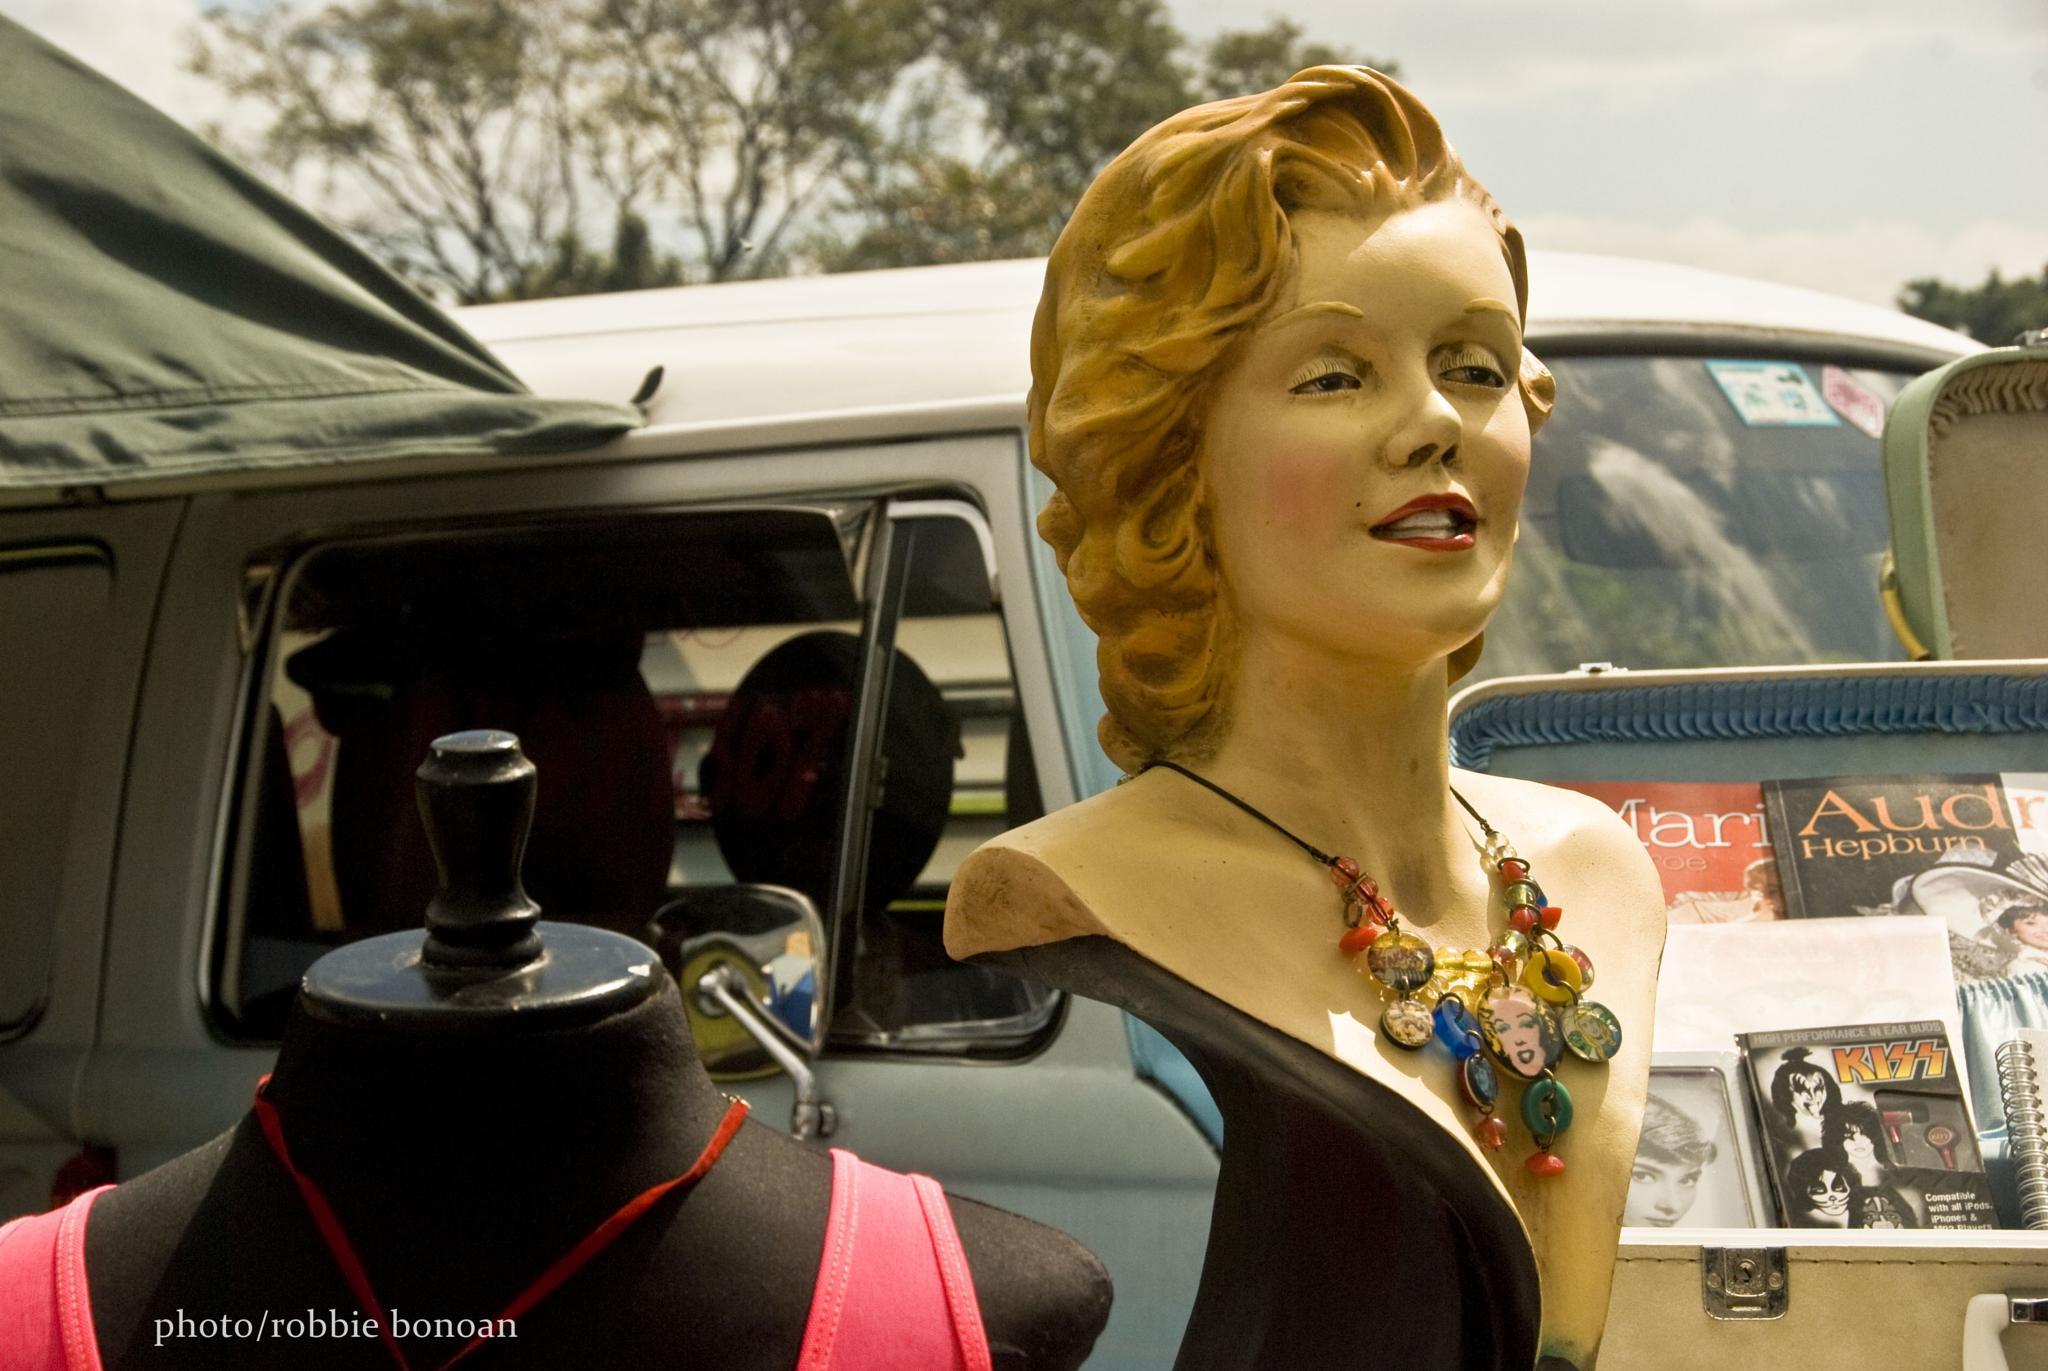 Marilyn by Robbie Bonoan